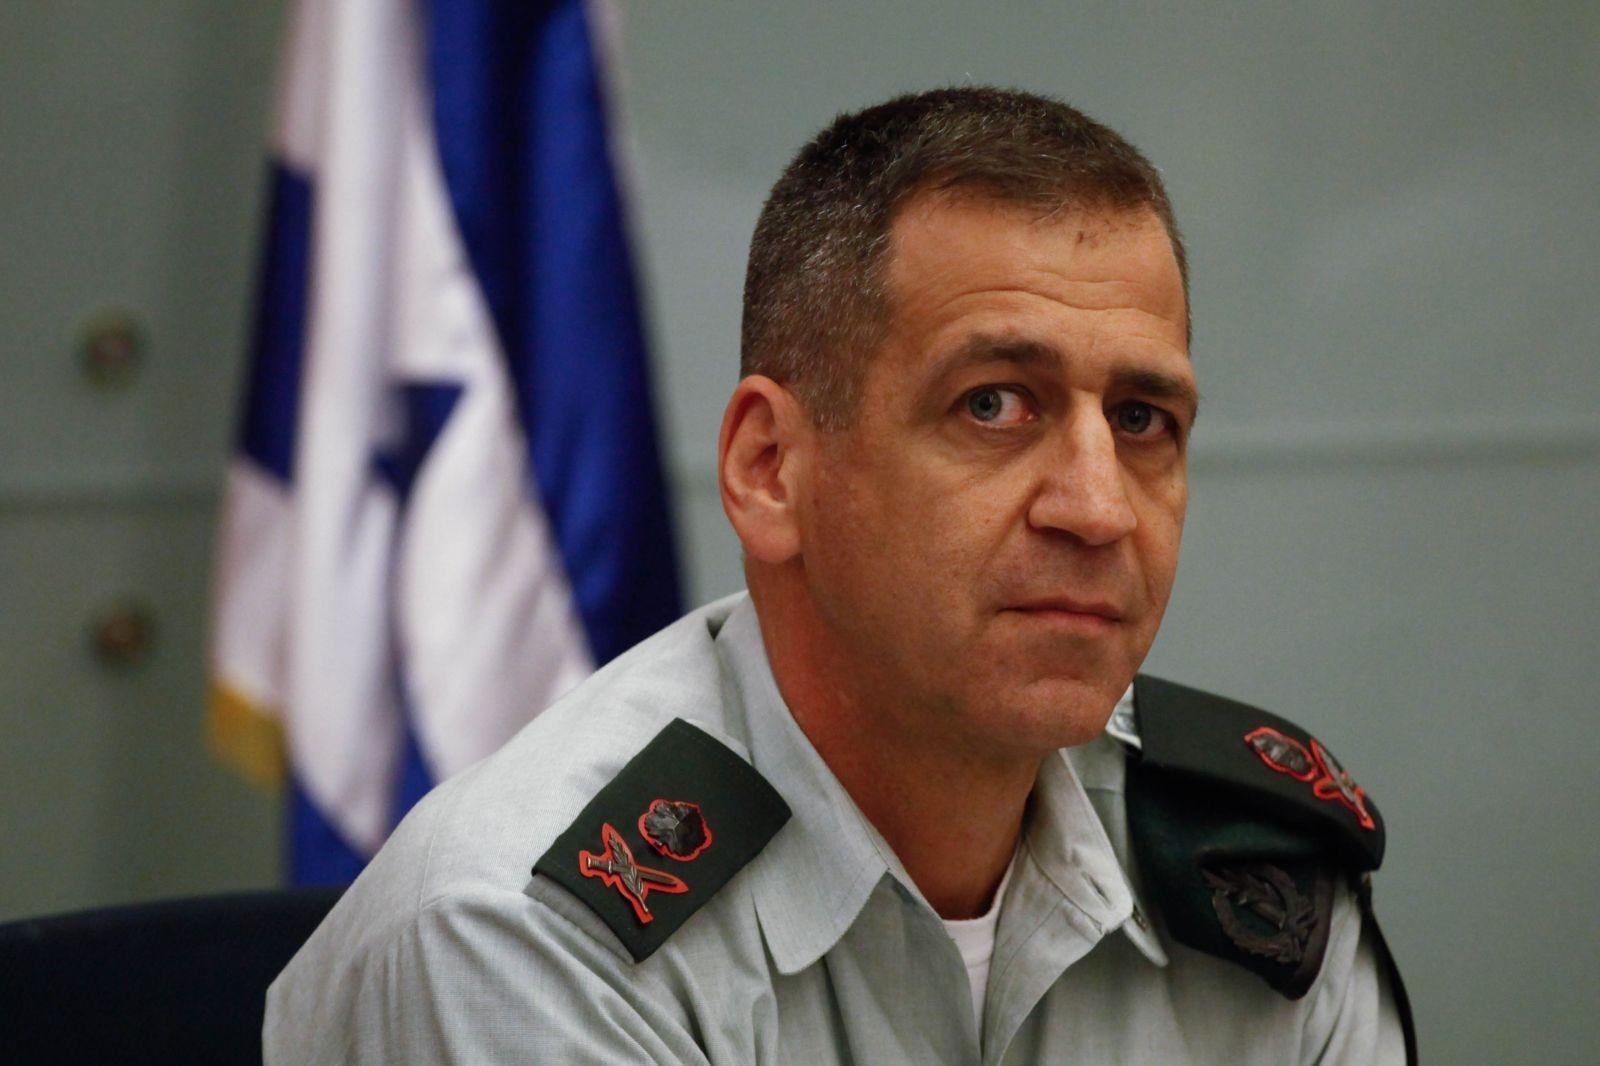 رئيس أركان جيش الاحتلال الإسرائيلي أفيف كوخافي